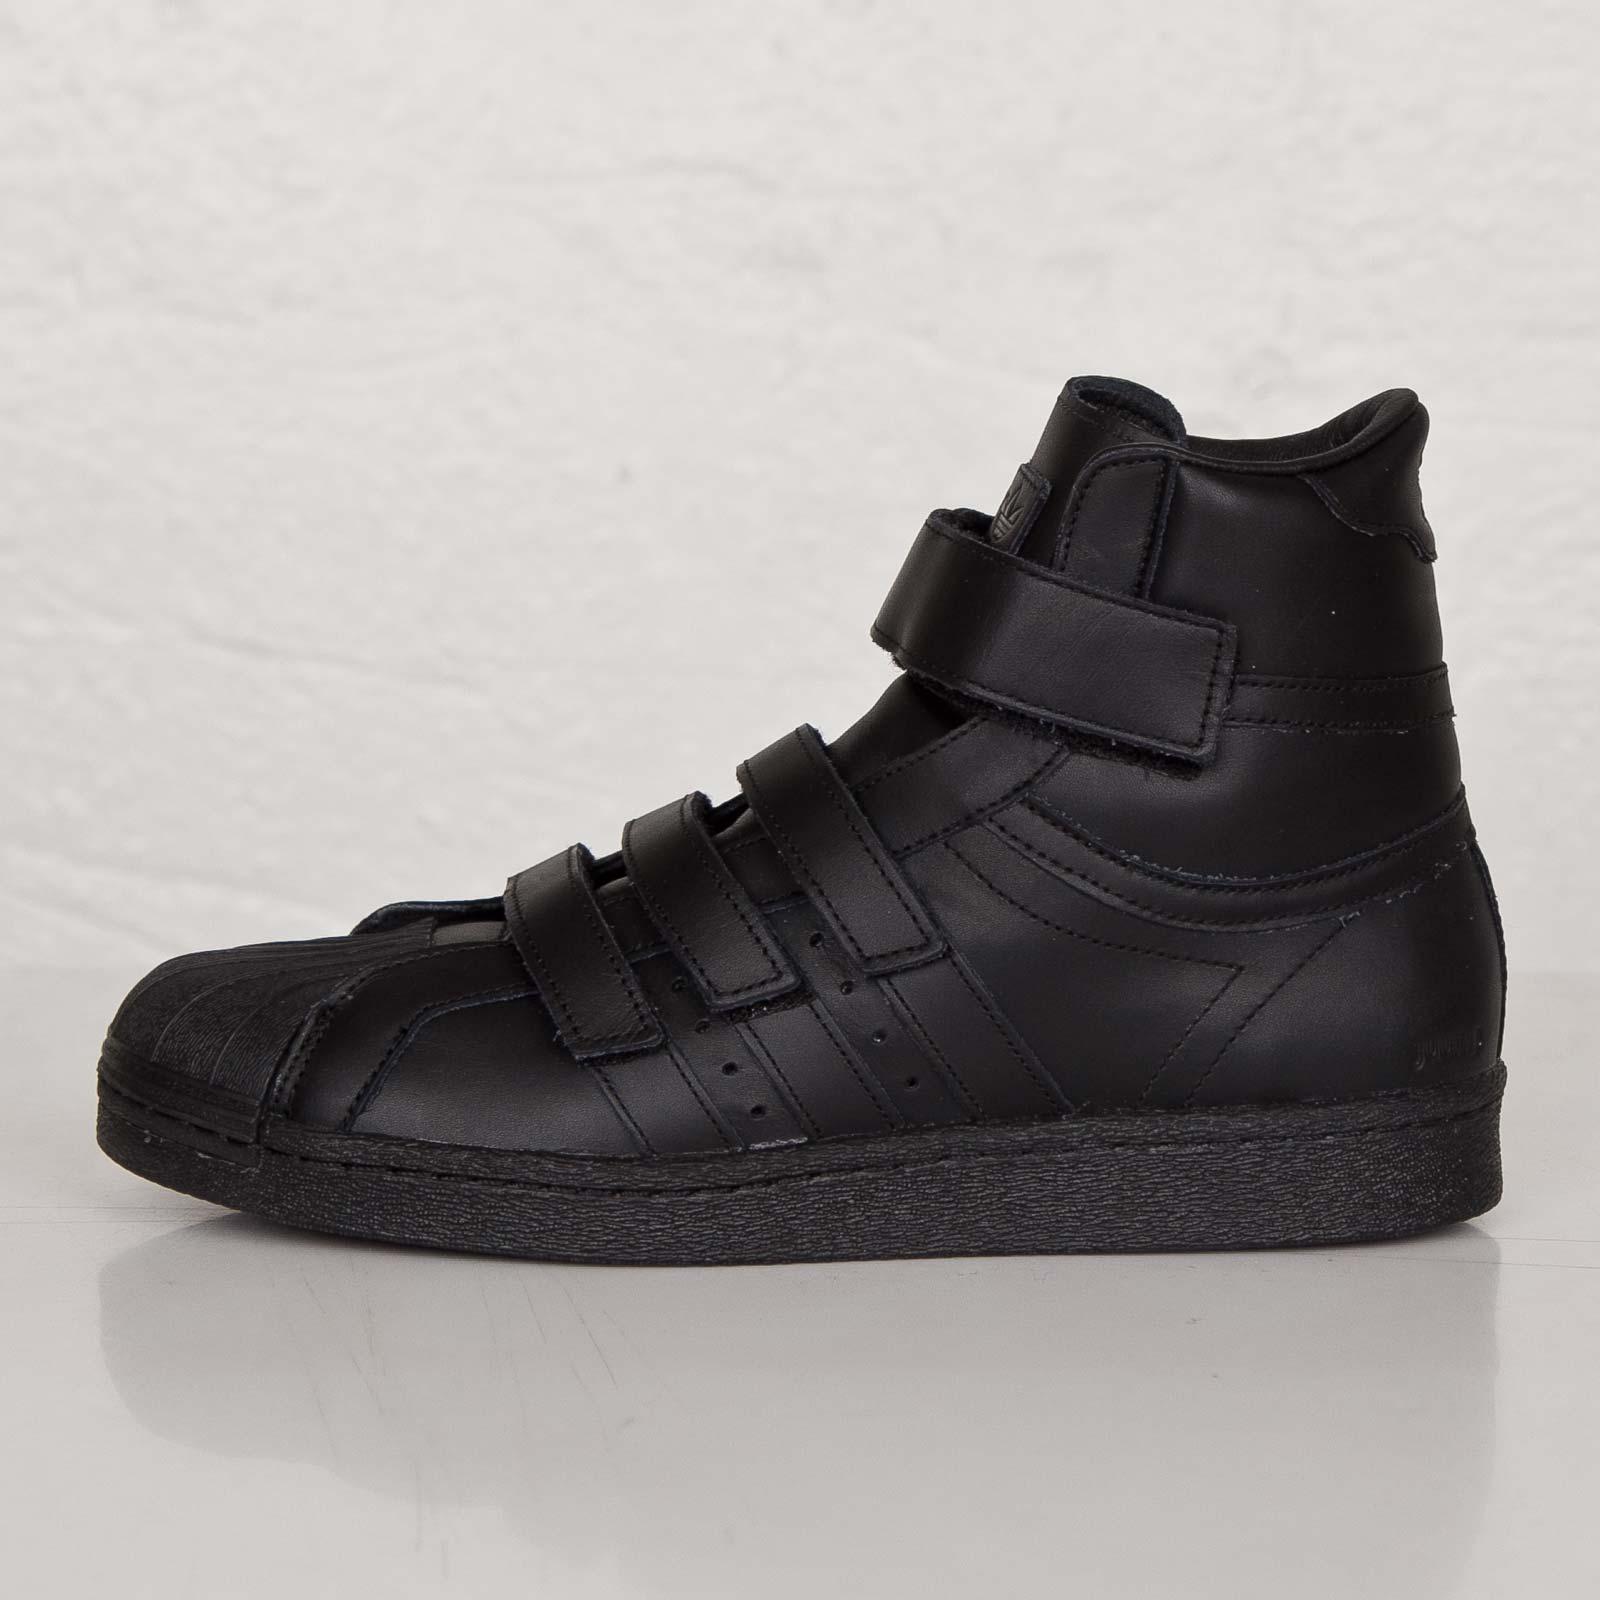 b6e480ddb56 adidas Promodel 80s Hi JJ - S82554 - Sneakersnstuff